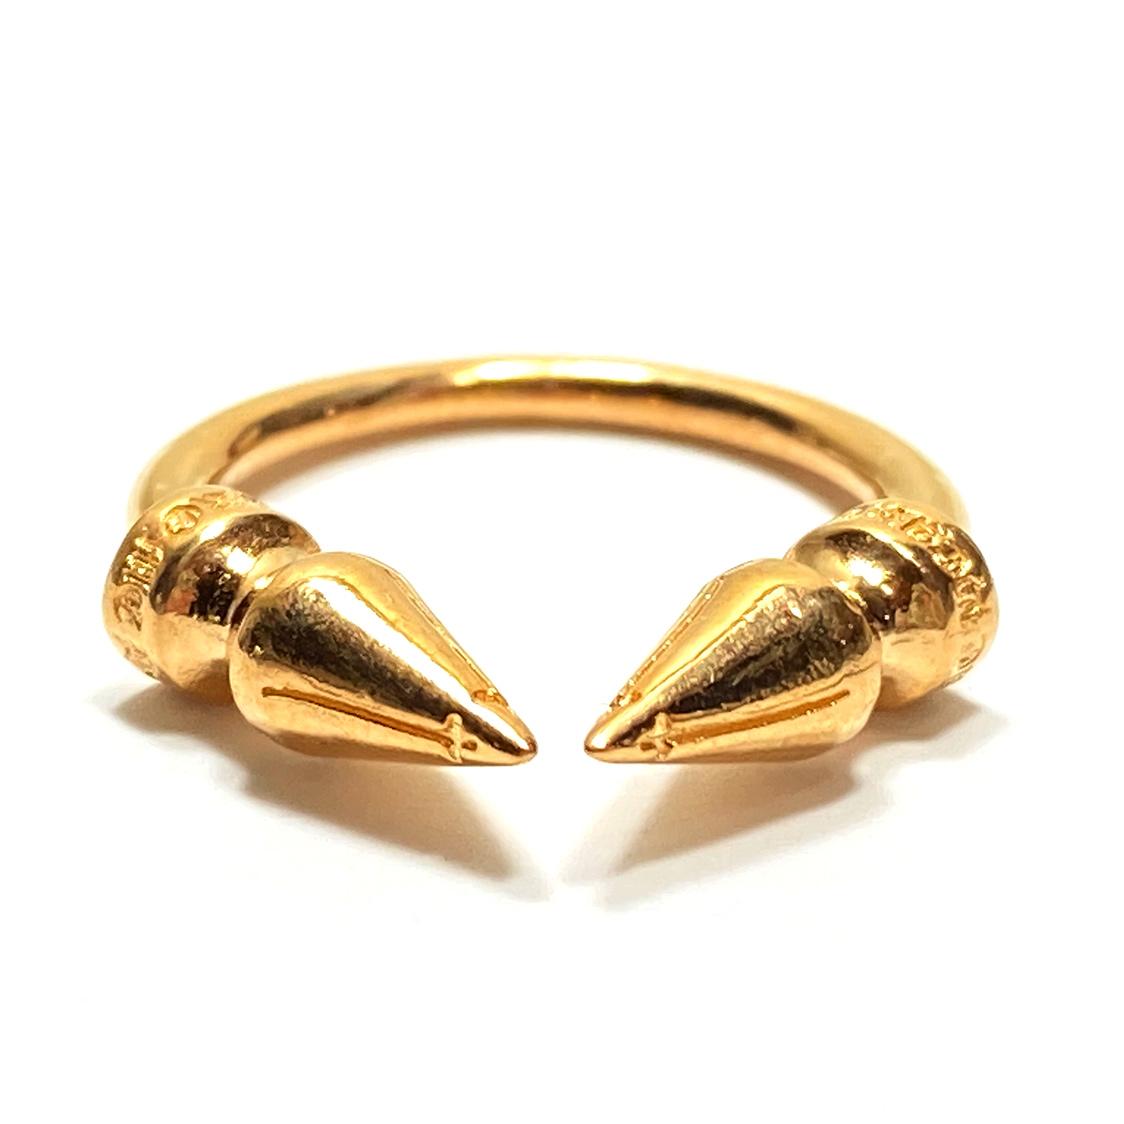 新作 希少 クロムハーツ CHROME HEARTS 22K ダブルスパイク リング M 指輪 DOUBLE SPIKE RING